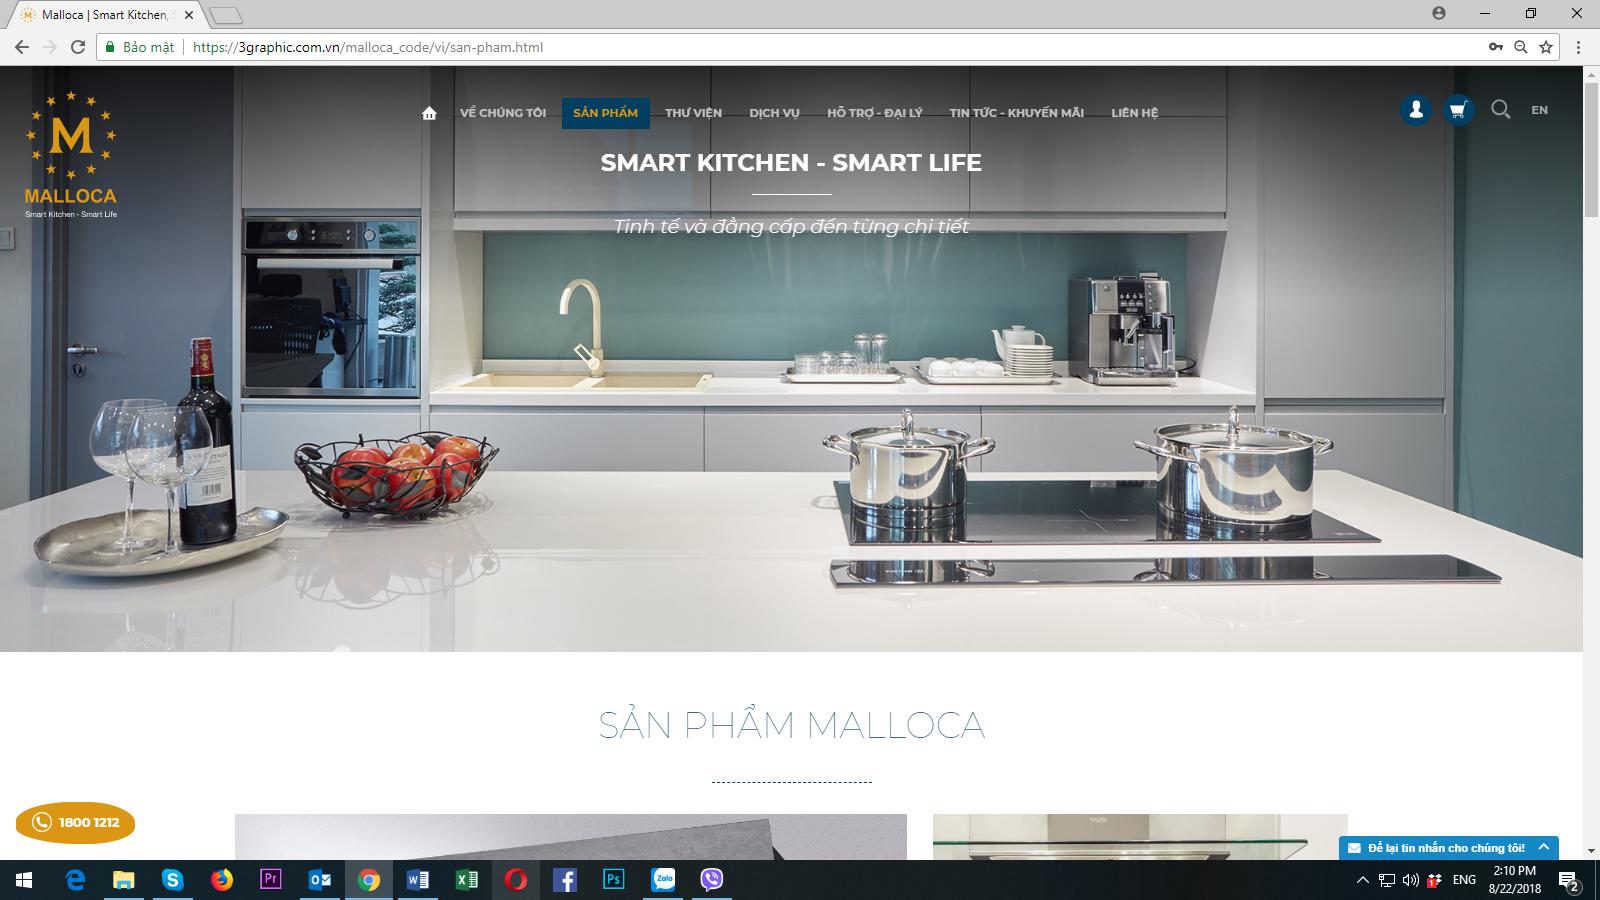 Thiết bị nhà bếp cao cấp Malloca ra mắt giao diện website mới